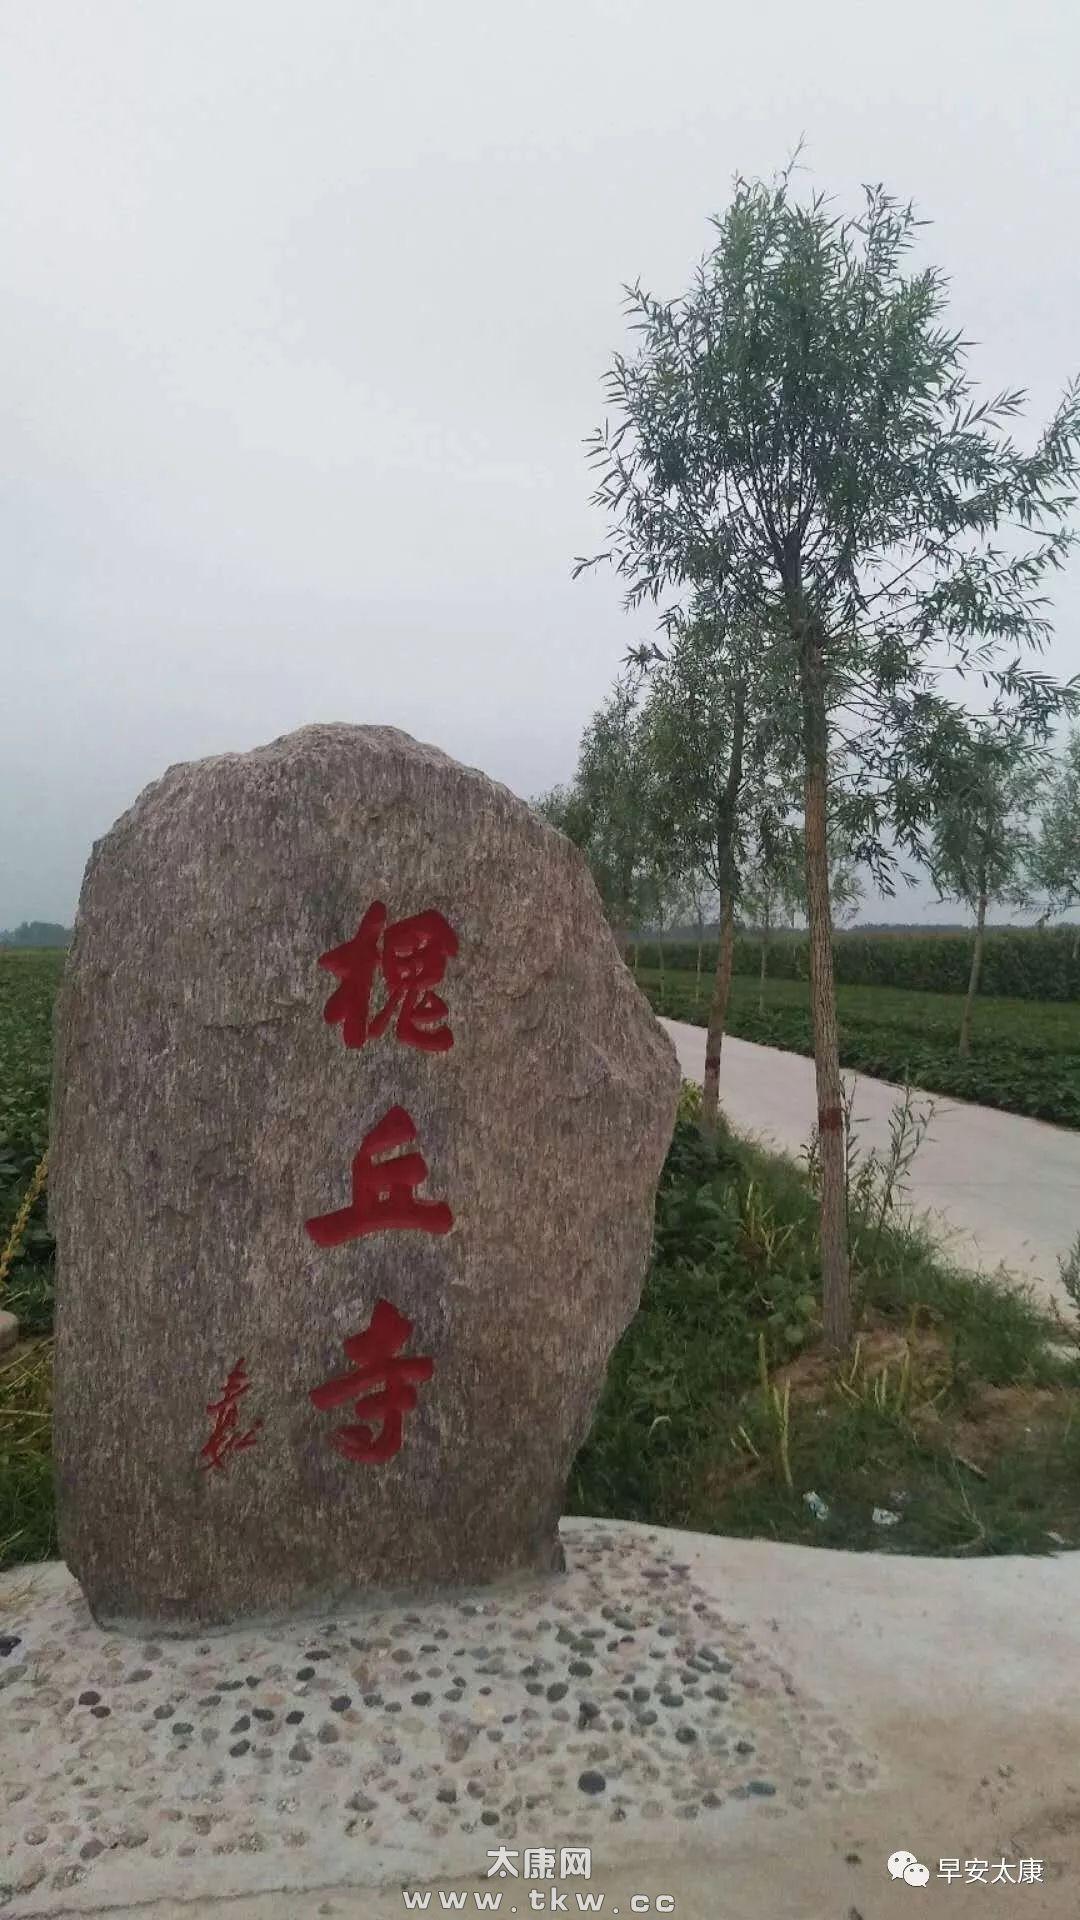 【走近】太康这个村具有六千年文明史,夏朝第八代国王葬于此……